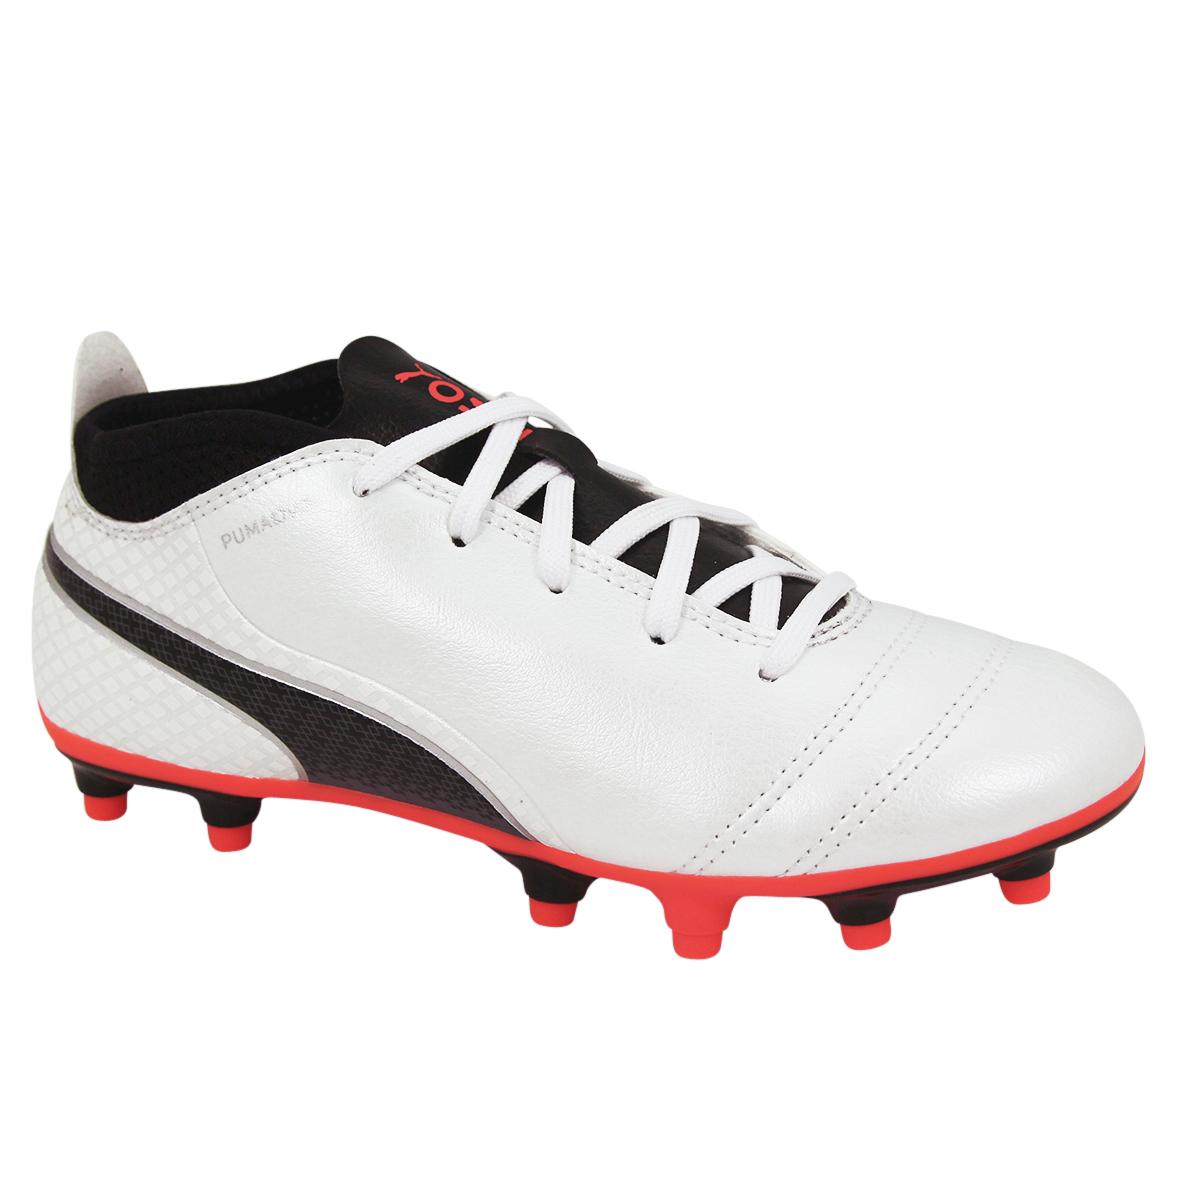 Détails sur Chaussures de football PUMA ONE 17 4 FG JR